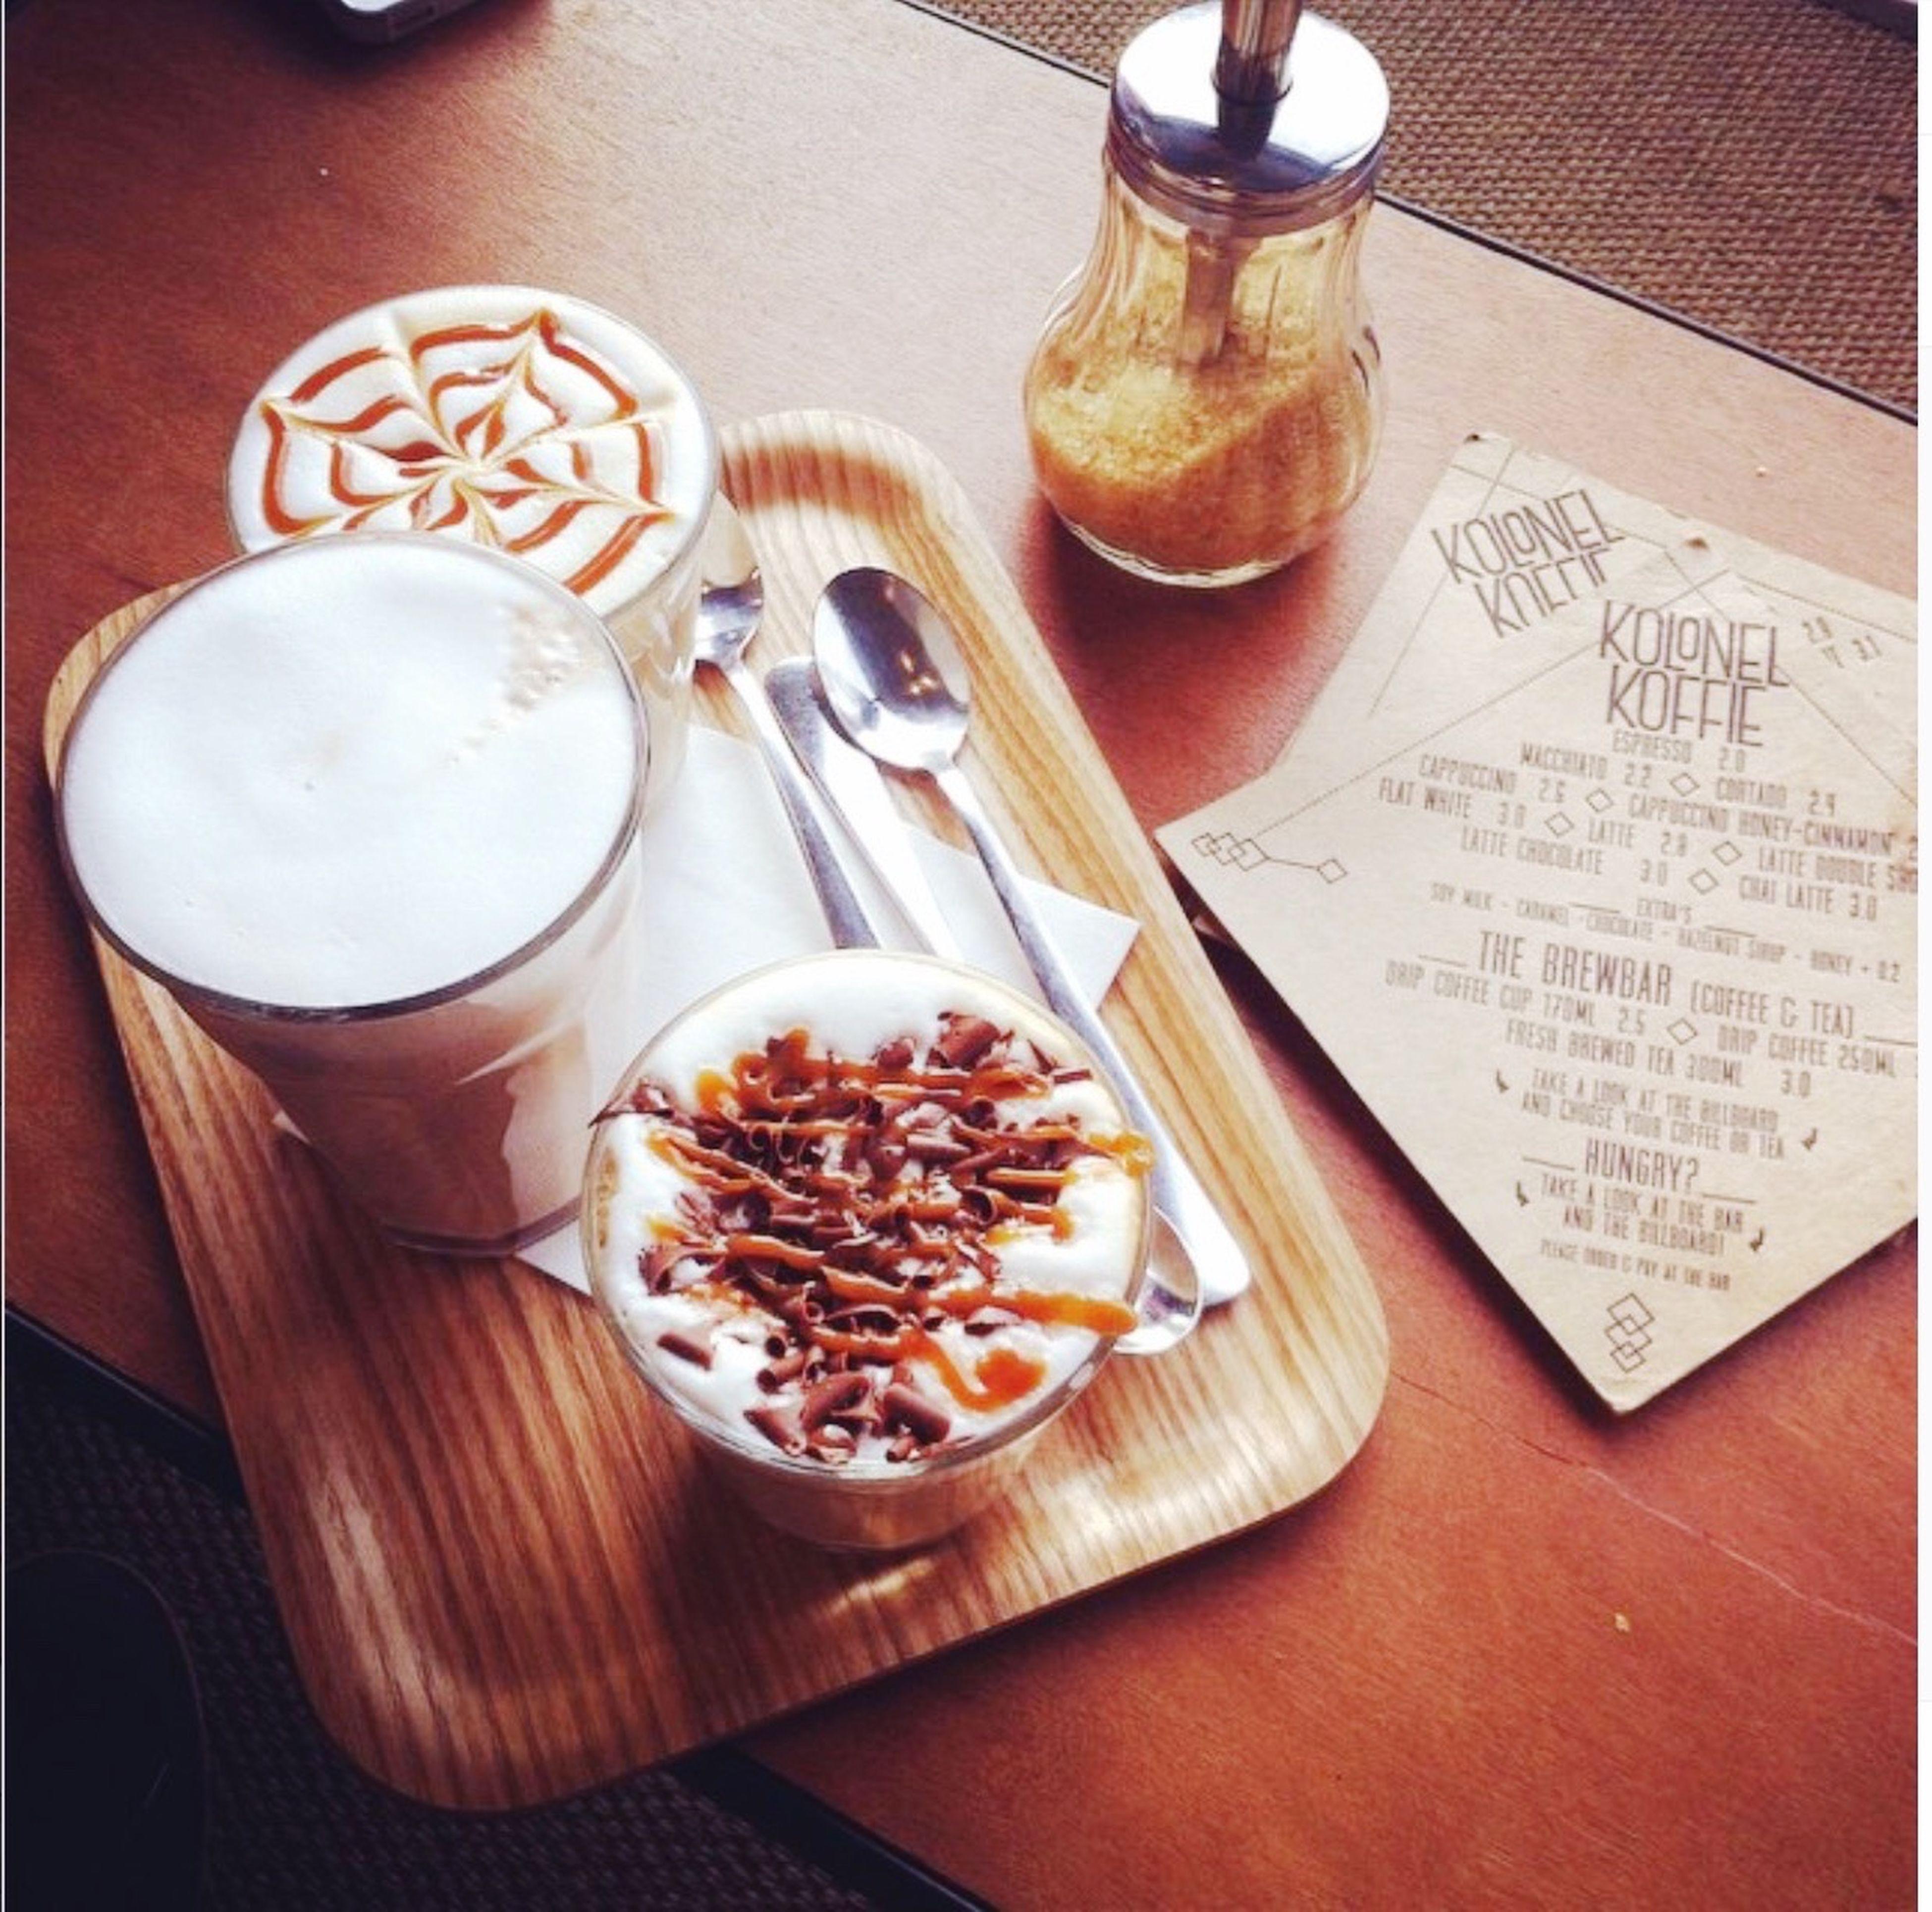 Rustige middag met vrienden en heerlijke koffie Antwerpen KoffieKarel